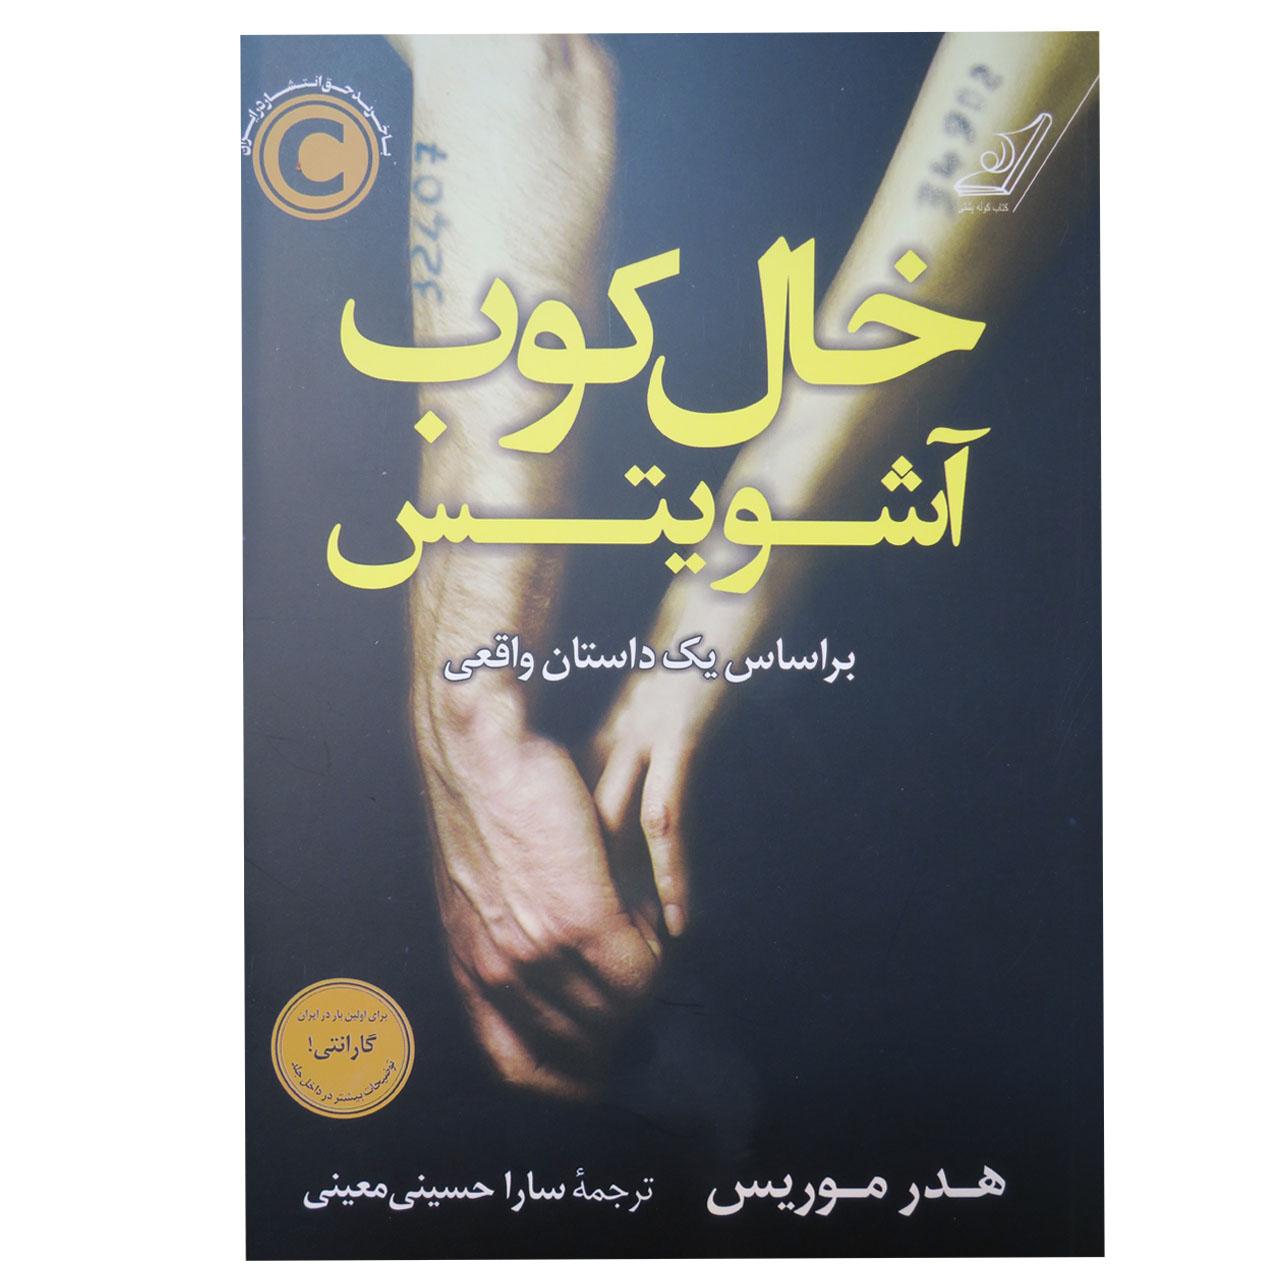 خرید                      کتاب خالکوب آشوبیتس اثر هدر موریس انتشارات کتاب کوله پشتی